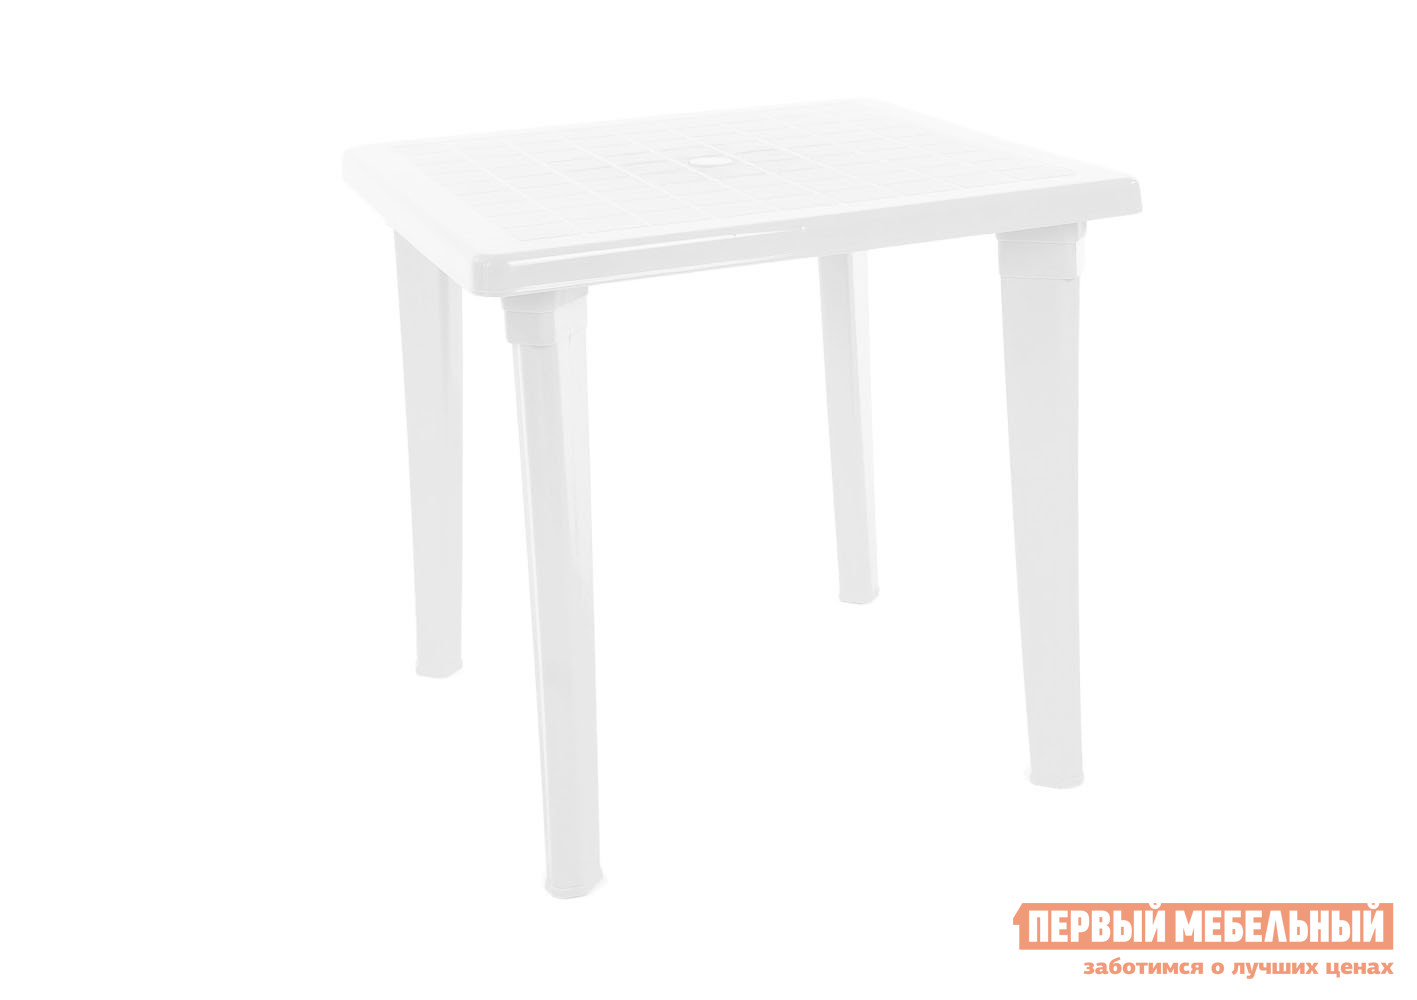 Пластиковый стол ЭЛП Стол квадратный БелыйПластиковые столы<br>Габаритные размеры ВхШхГ 740x855x855 мм. Пластиковый Стол квадратный для оформления зоны отдыха на веранде летнего кафе, на даче или в саду.  Лаконичные формы стола делают его универсальной деталью любой летней обстановки, он будет отлично гармонировать с другой пластиковой мебелью. Компактные размеры стола 740 х 855 х 855 мм позволят поставить его в небольшое помещение, например на летней кухне или в уютной беседке.  Стол выполнен из пластика.  Этот материал прочен и надежен, устойчив к загрязнениям и перепадам температур.  Кроме того, стол имеет совсем небольшой вес, всего 4,8 кг, его всегда можно переместить в удобное место.  Стол доставляется в разобранном виде и занимает минимум места, его удобно хранить в неприметном углу.  Собирается он очень легко, нужно только вкрутить ножки в пазы у столешницы.<br><br>Цвет: Белый<br>Высота мм: 740<br>Ширина мм: 855<br>Глубина мм: 855<br>Кол-во упаковок: 1<br>Форма поставки: В разобранном виде<br>Срок гарантии: 1 год<br>Форма: Квадратные<br>Размер: Маленькие